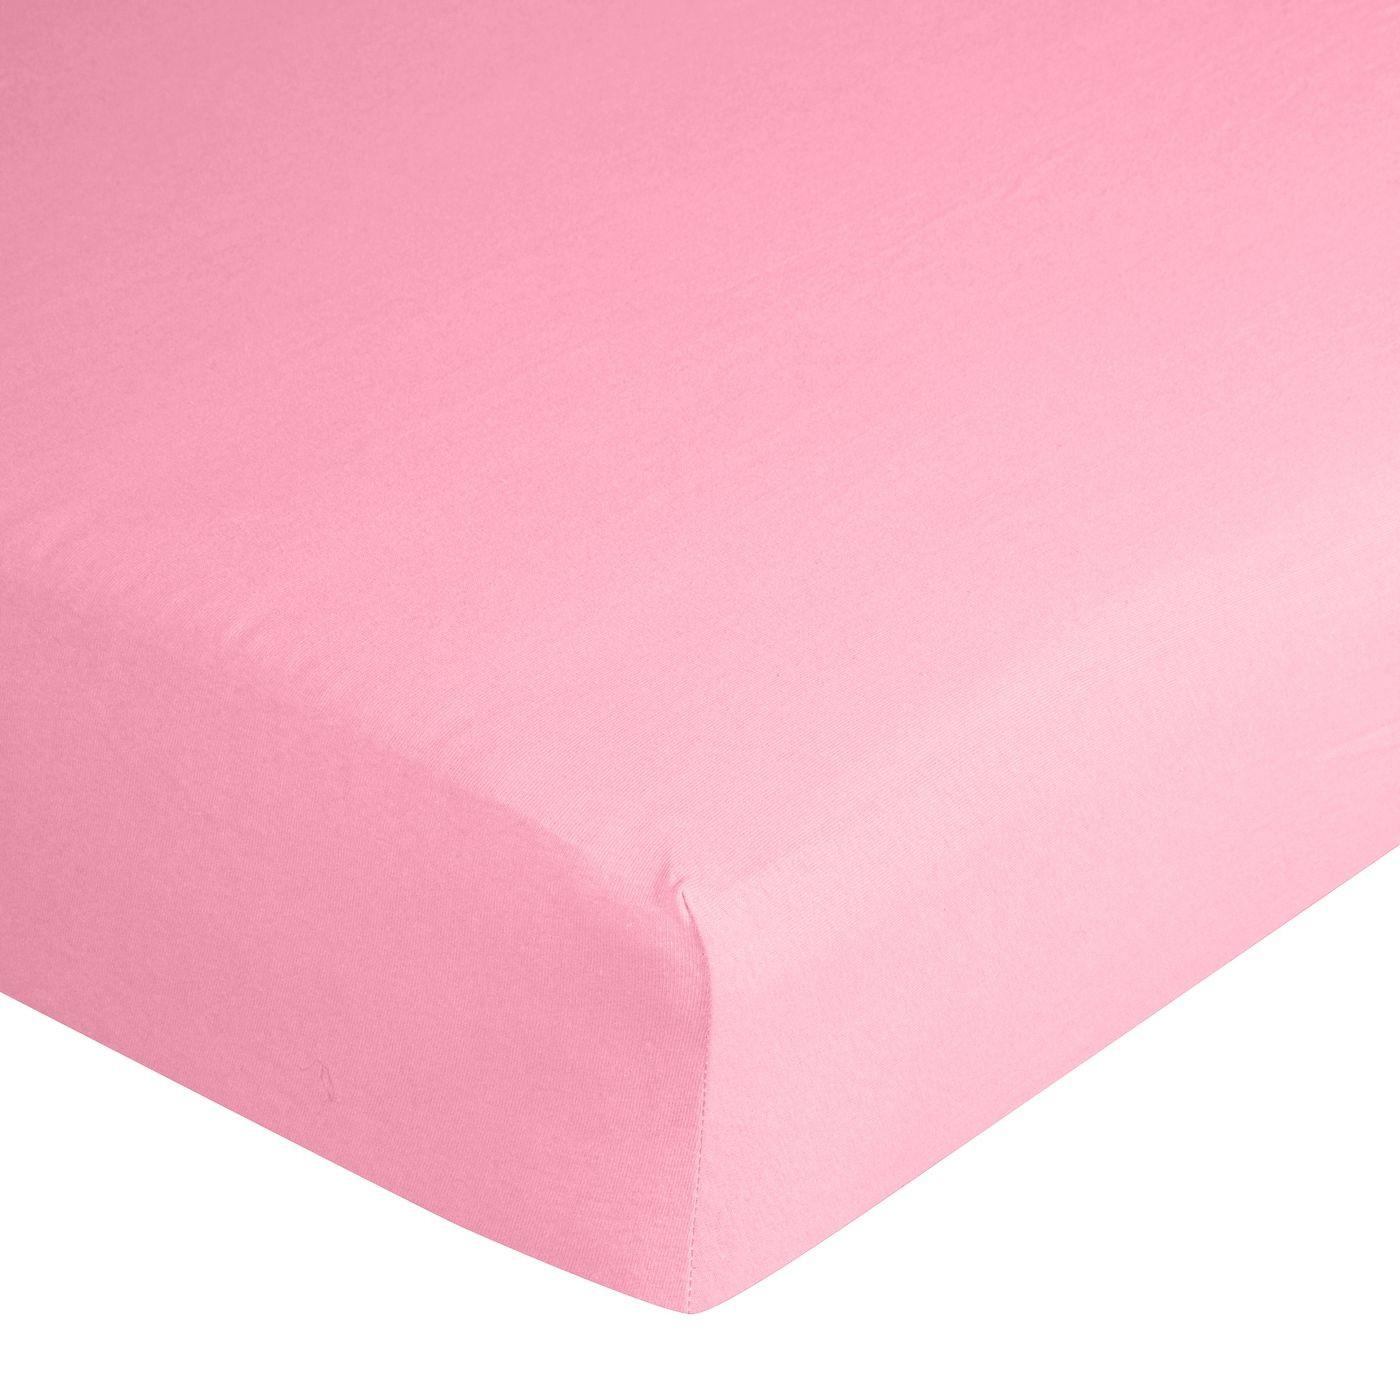 Prześcieradło bawełniane gładkie 120x200+25cm 140 kolor różowy